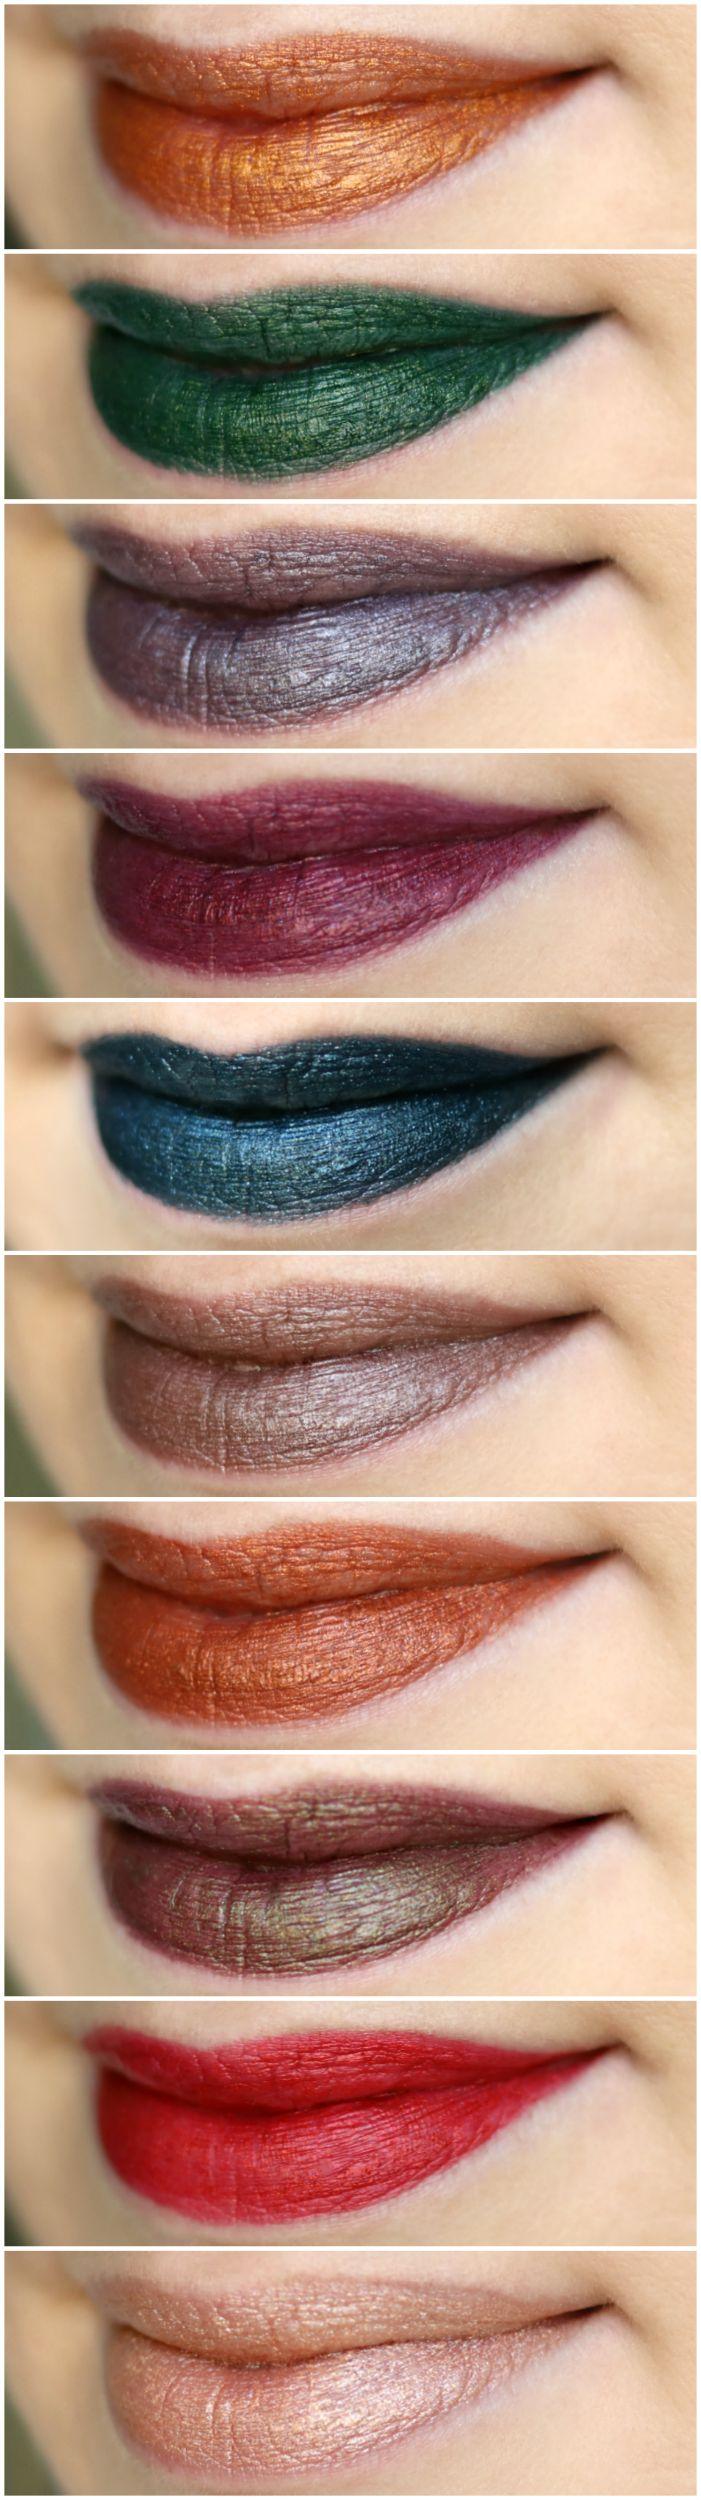 Maybelline Matte Metallic Lipstick Swatches